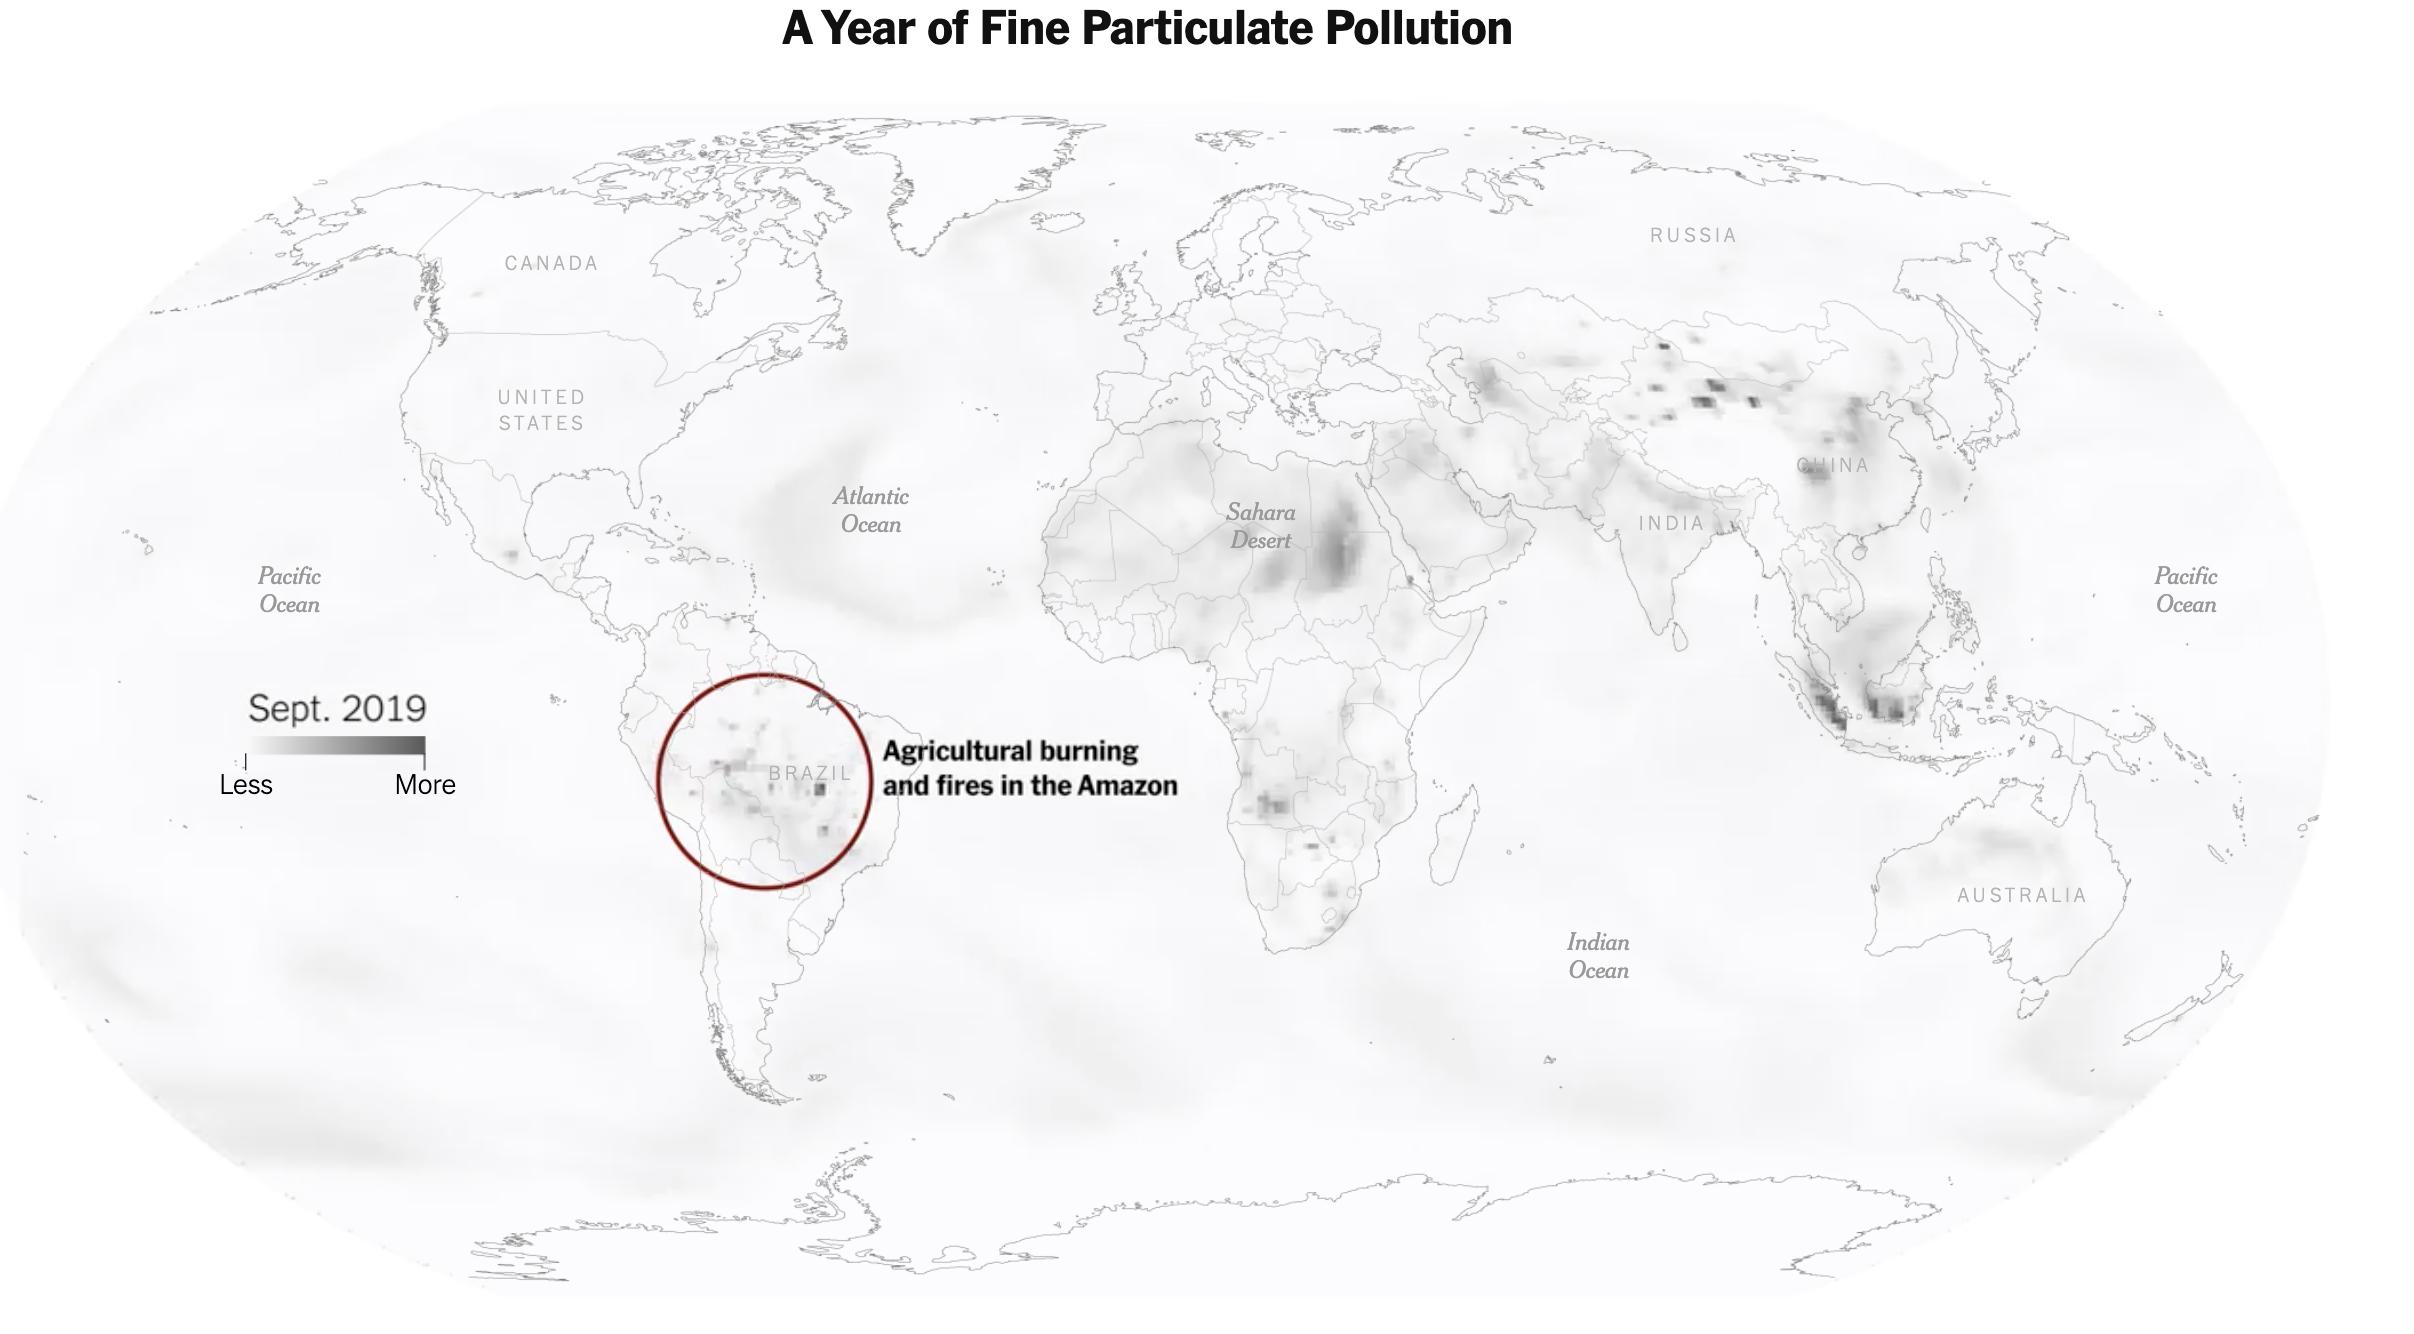 Copernicus-satelliter mäter luftföroreningar i världen